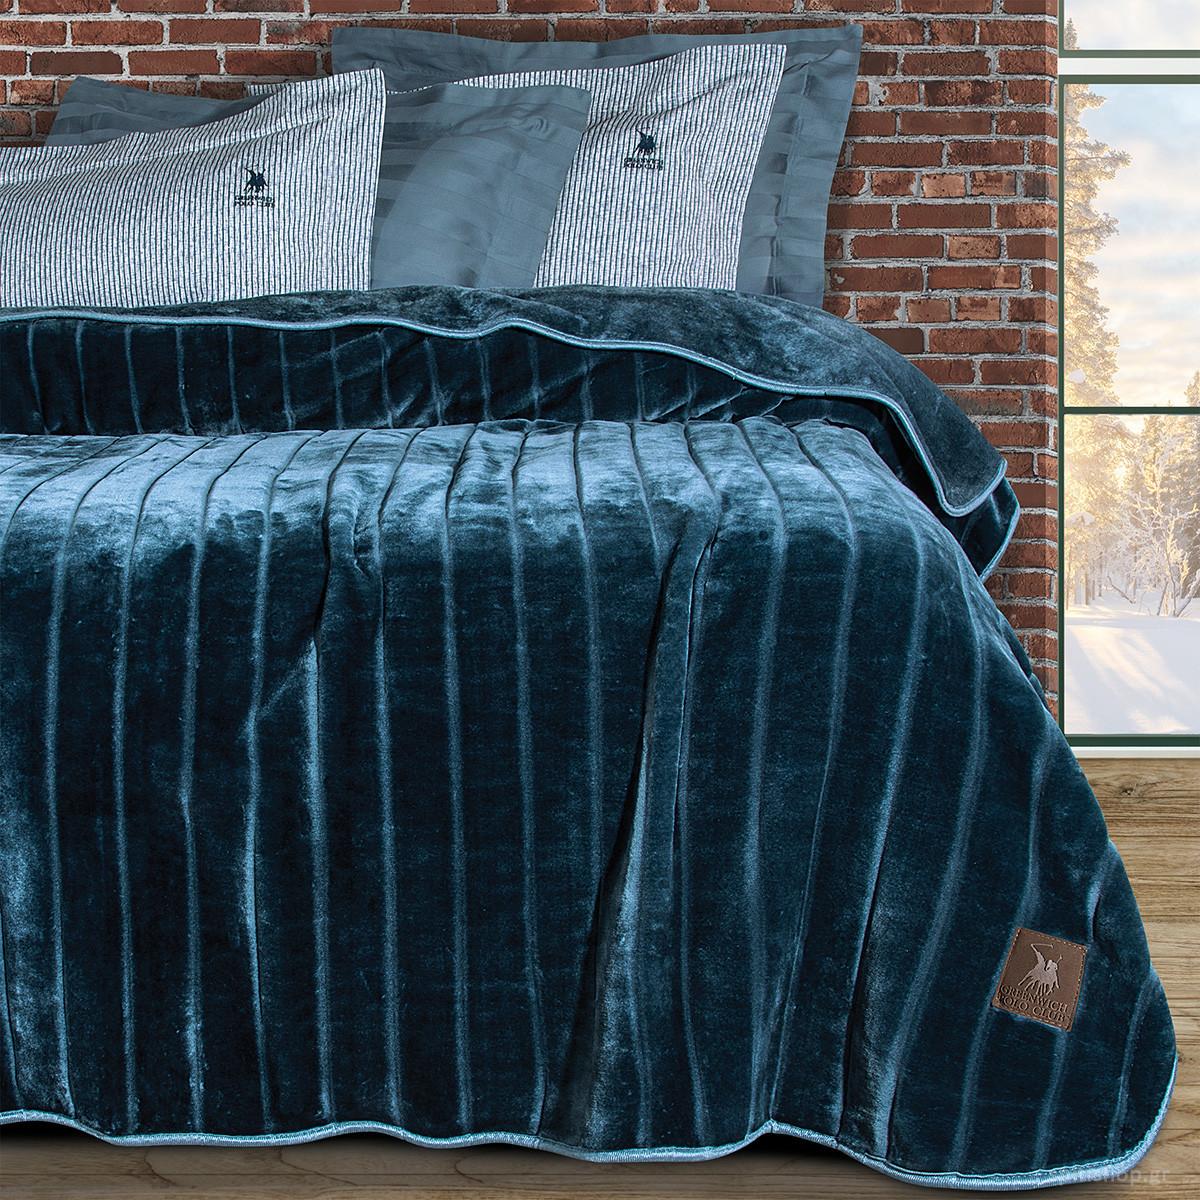 Κουβέρτα Βελουτέ Υπέρδιπλη Polo Club Essential Blanket 2428